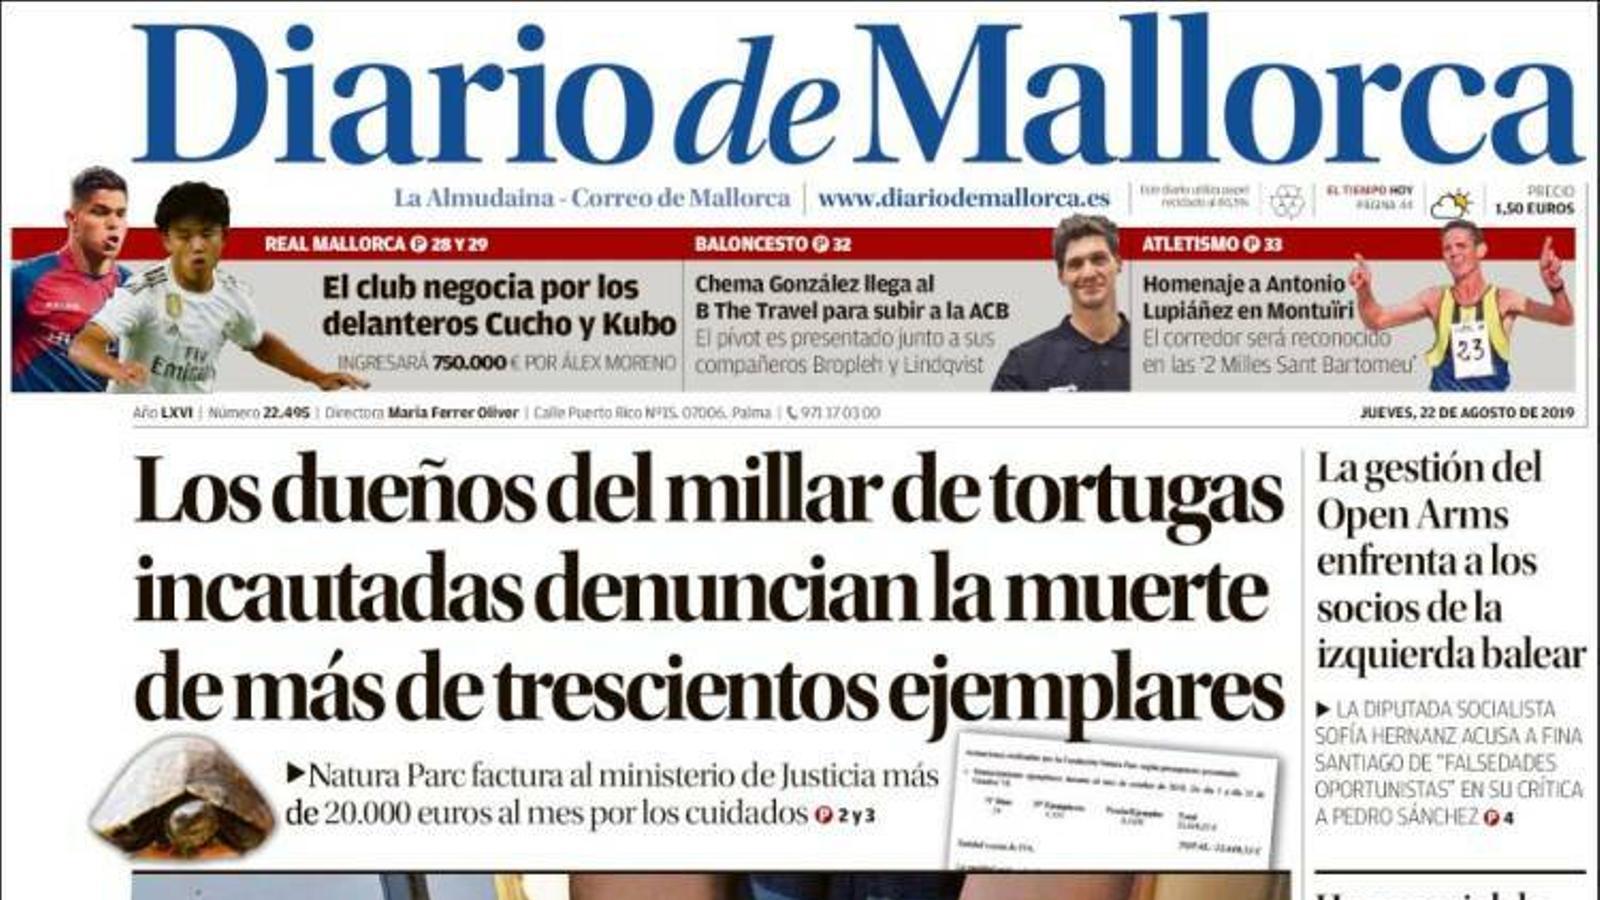 """""""Els propietaris del miler de tortugues confiscades denuncien la mort de més de tres-cents exemplars"""", portada de 'Diario de Mallorca'"""